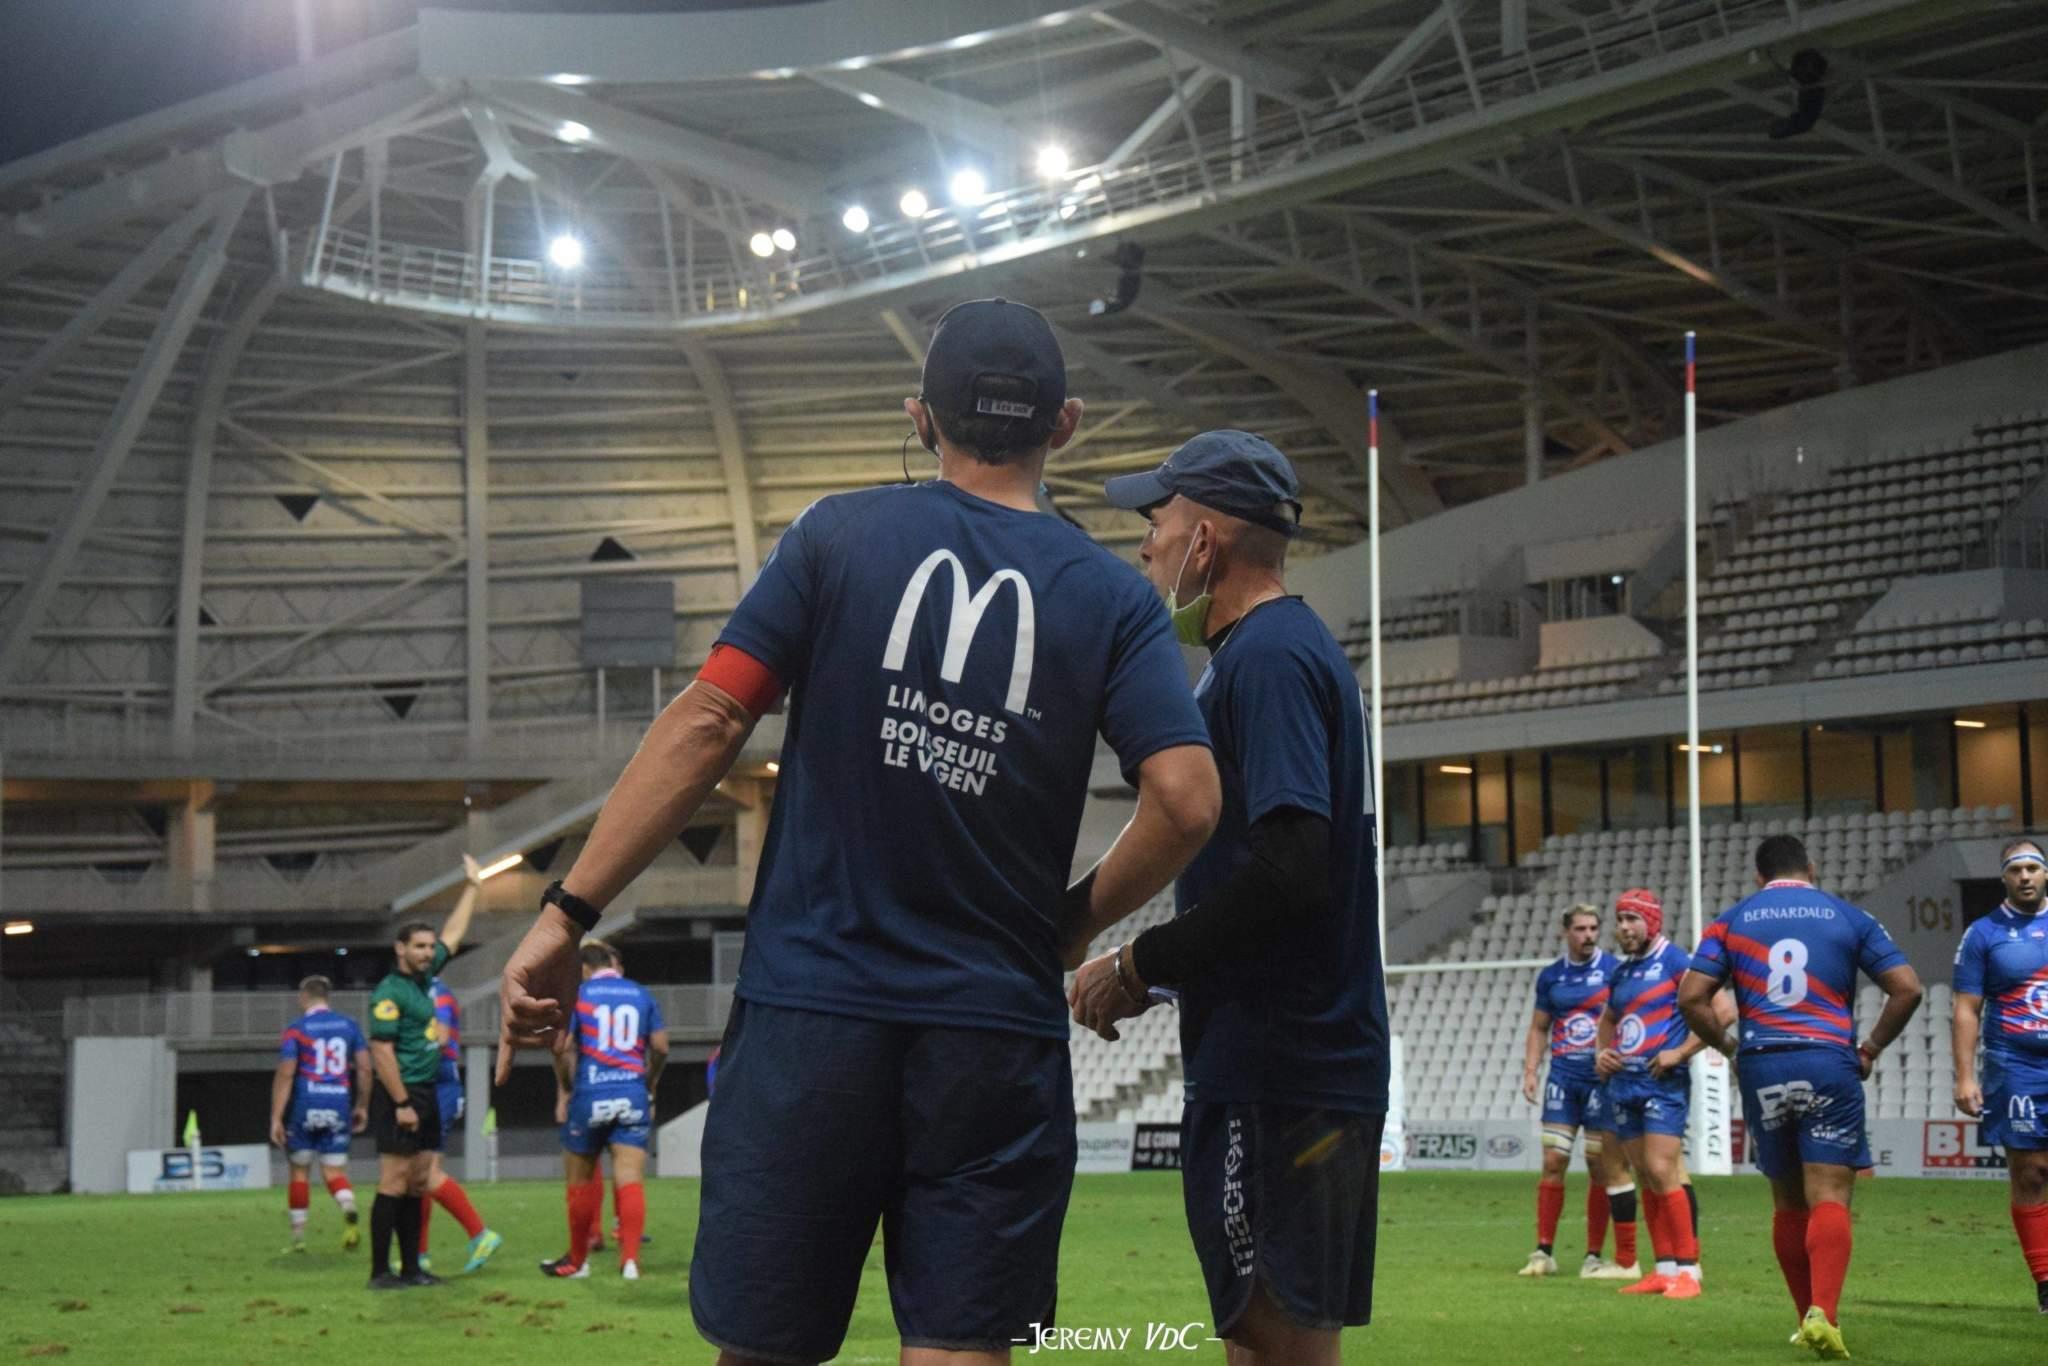 Thomas Masurel et Sébastien Danovaro seront toujours sur le banc limougeaud (crédit photo Jeremy VdC)